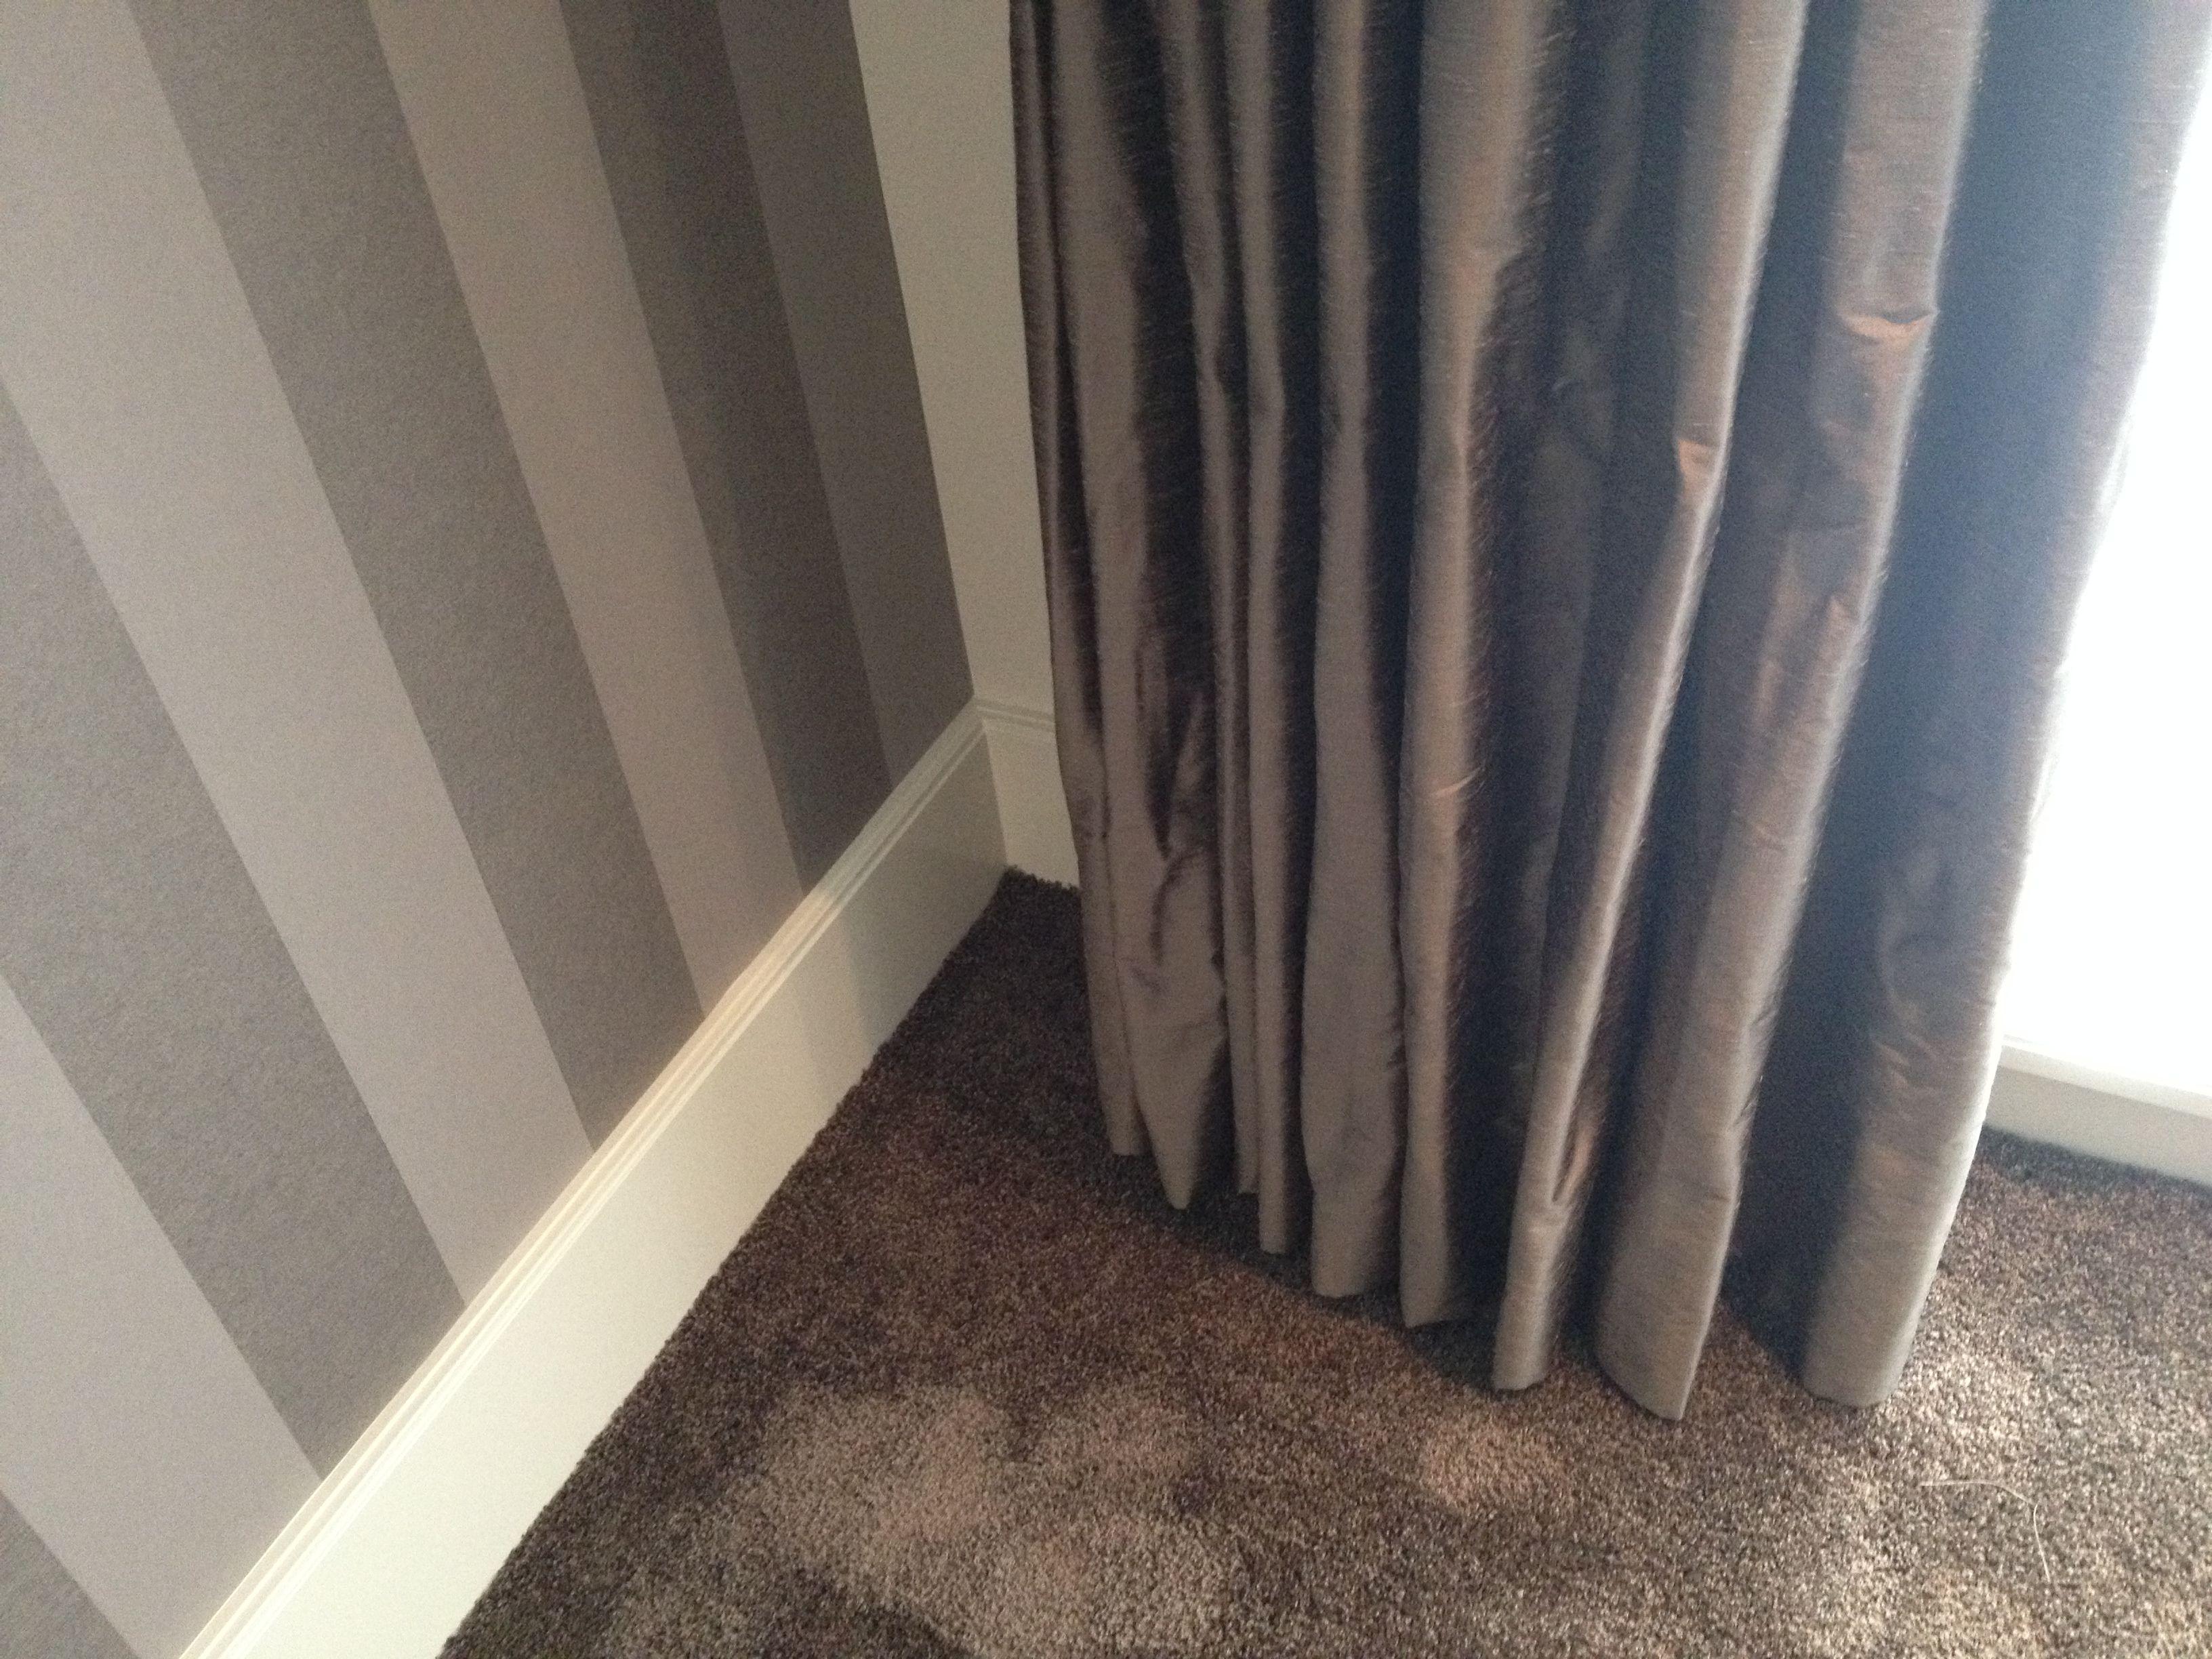 Slaapkamer Naturel Tinten : Mooie combinatie in de slaapkamer. gordijnen kunst zijde in dezelfde